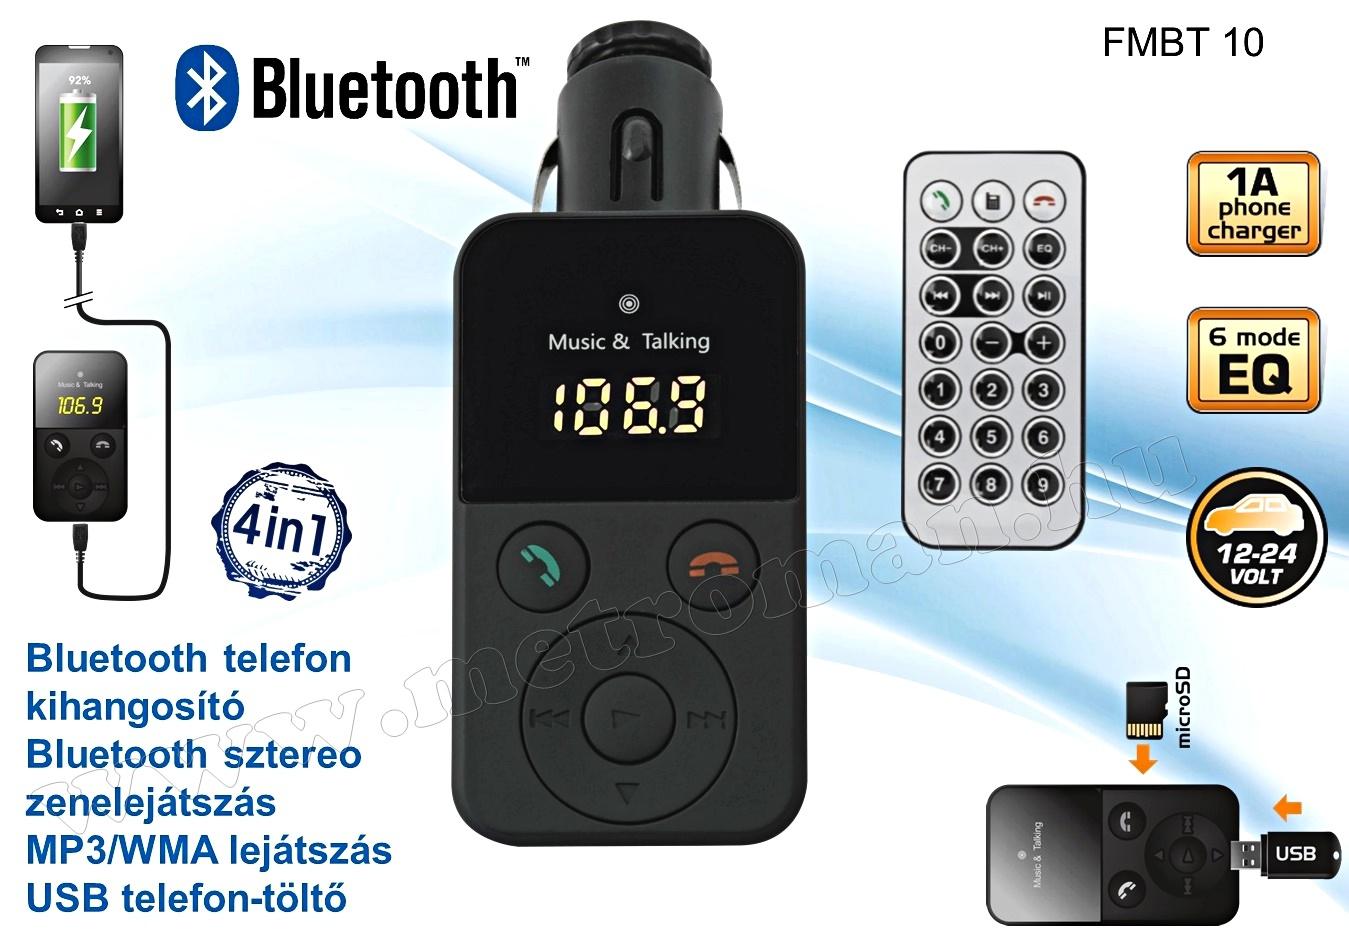 MP3 FM transzmitter és Bluetooth kihangosító FMBT 10